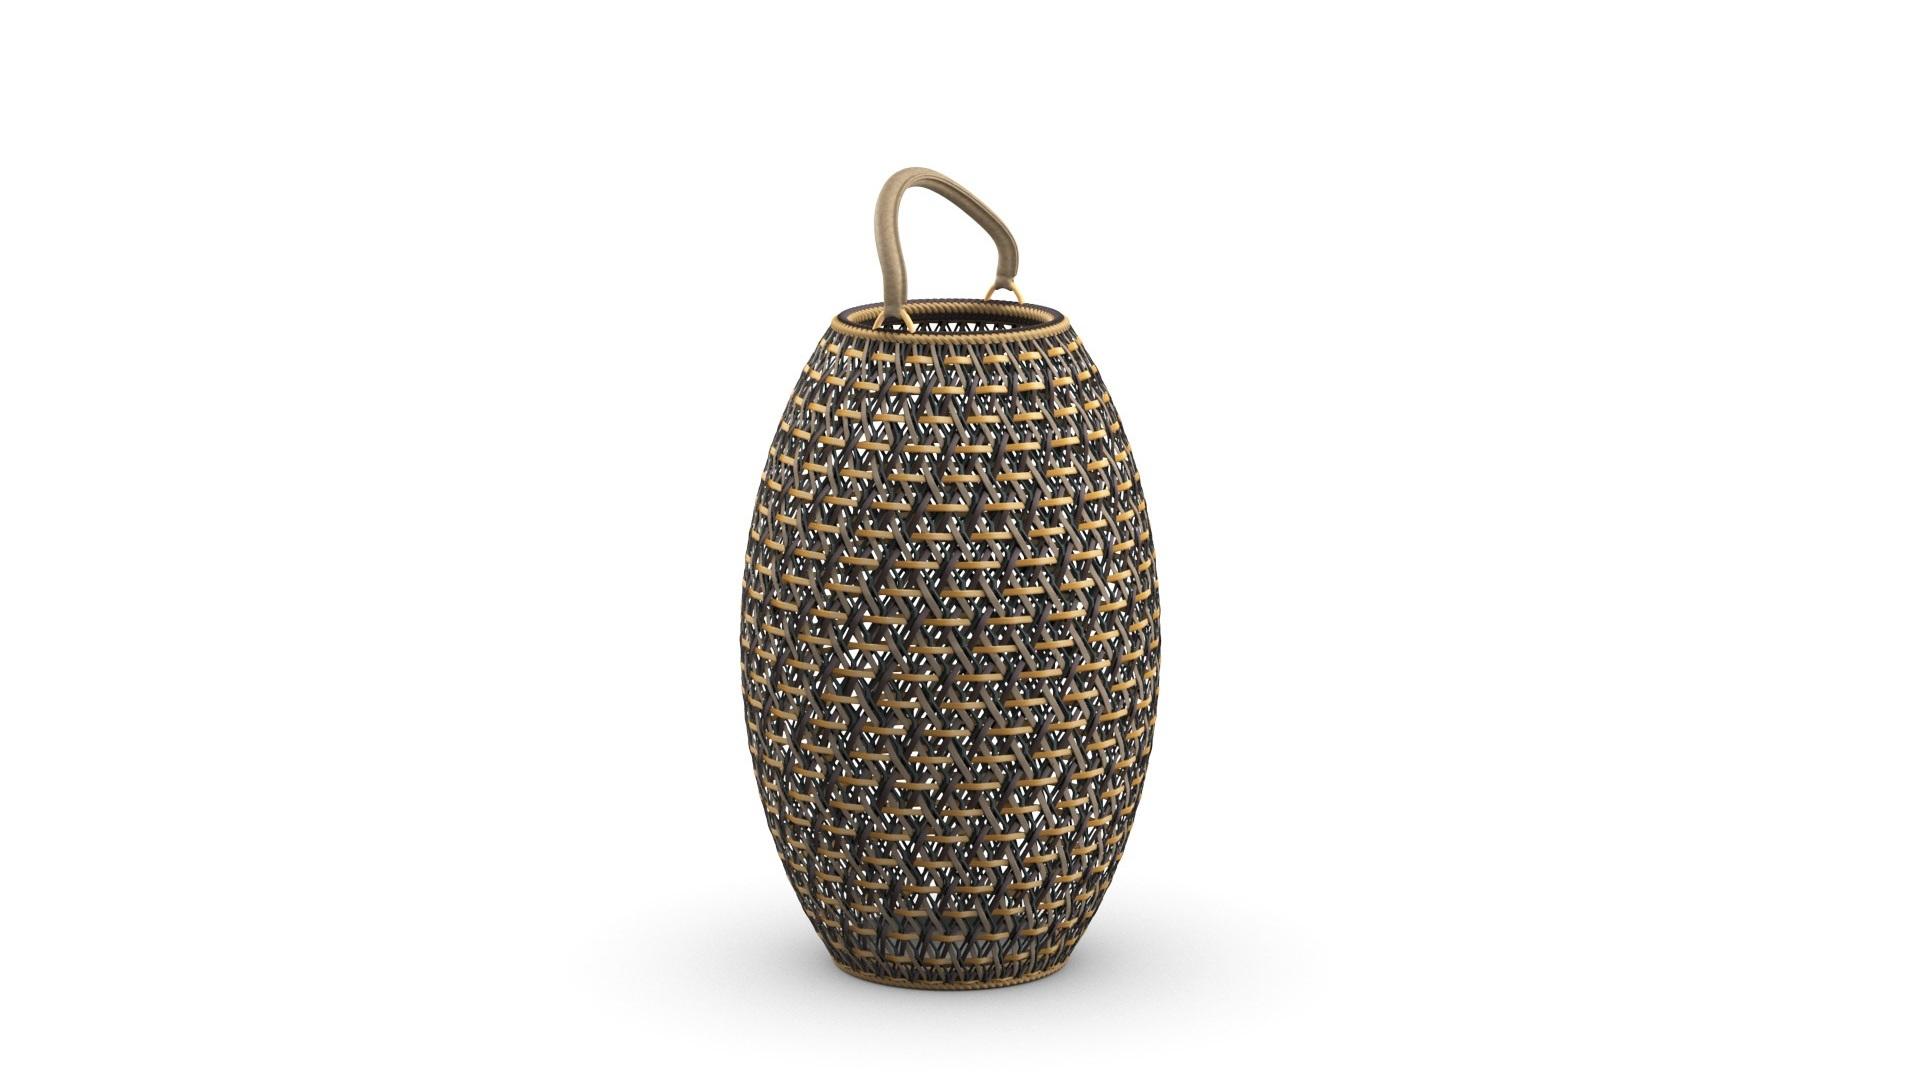 DEDON-DALA-Accessories-Lantern-L-rioja.jpg